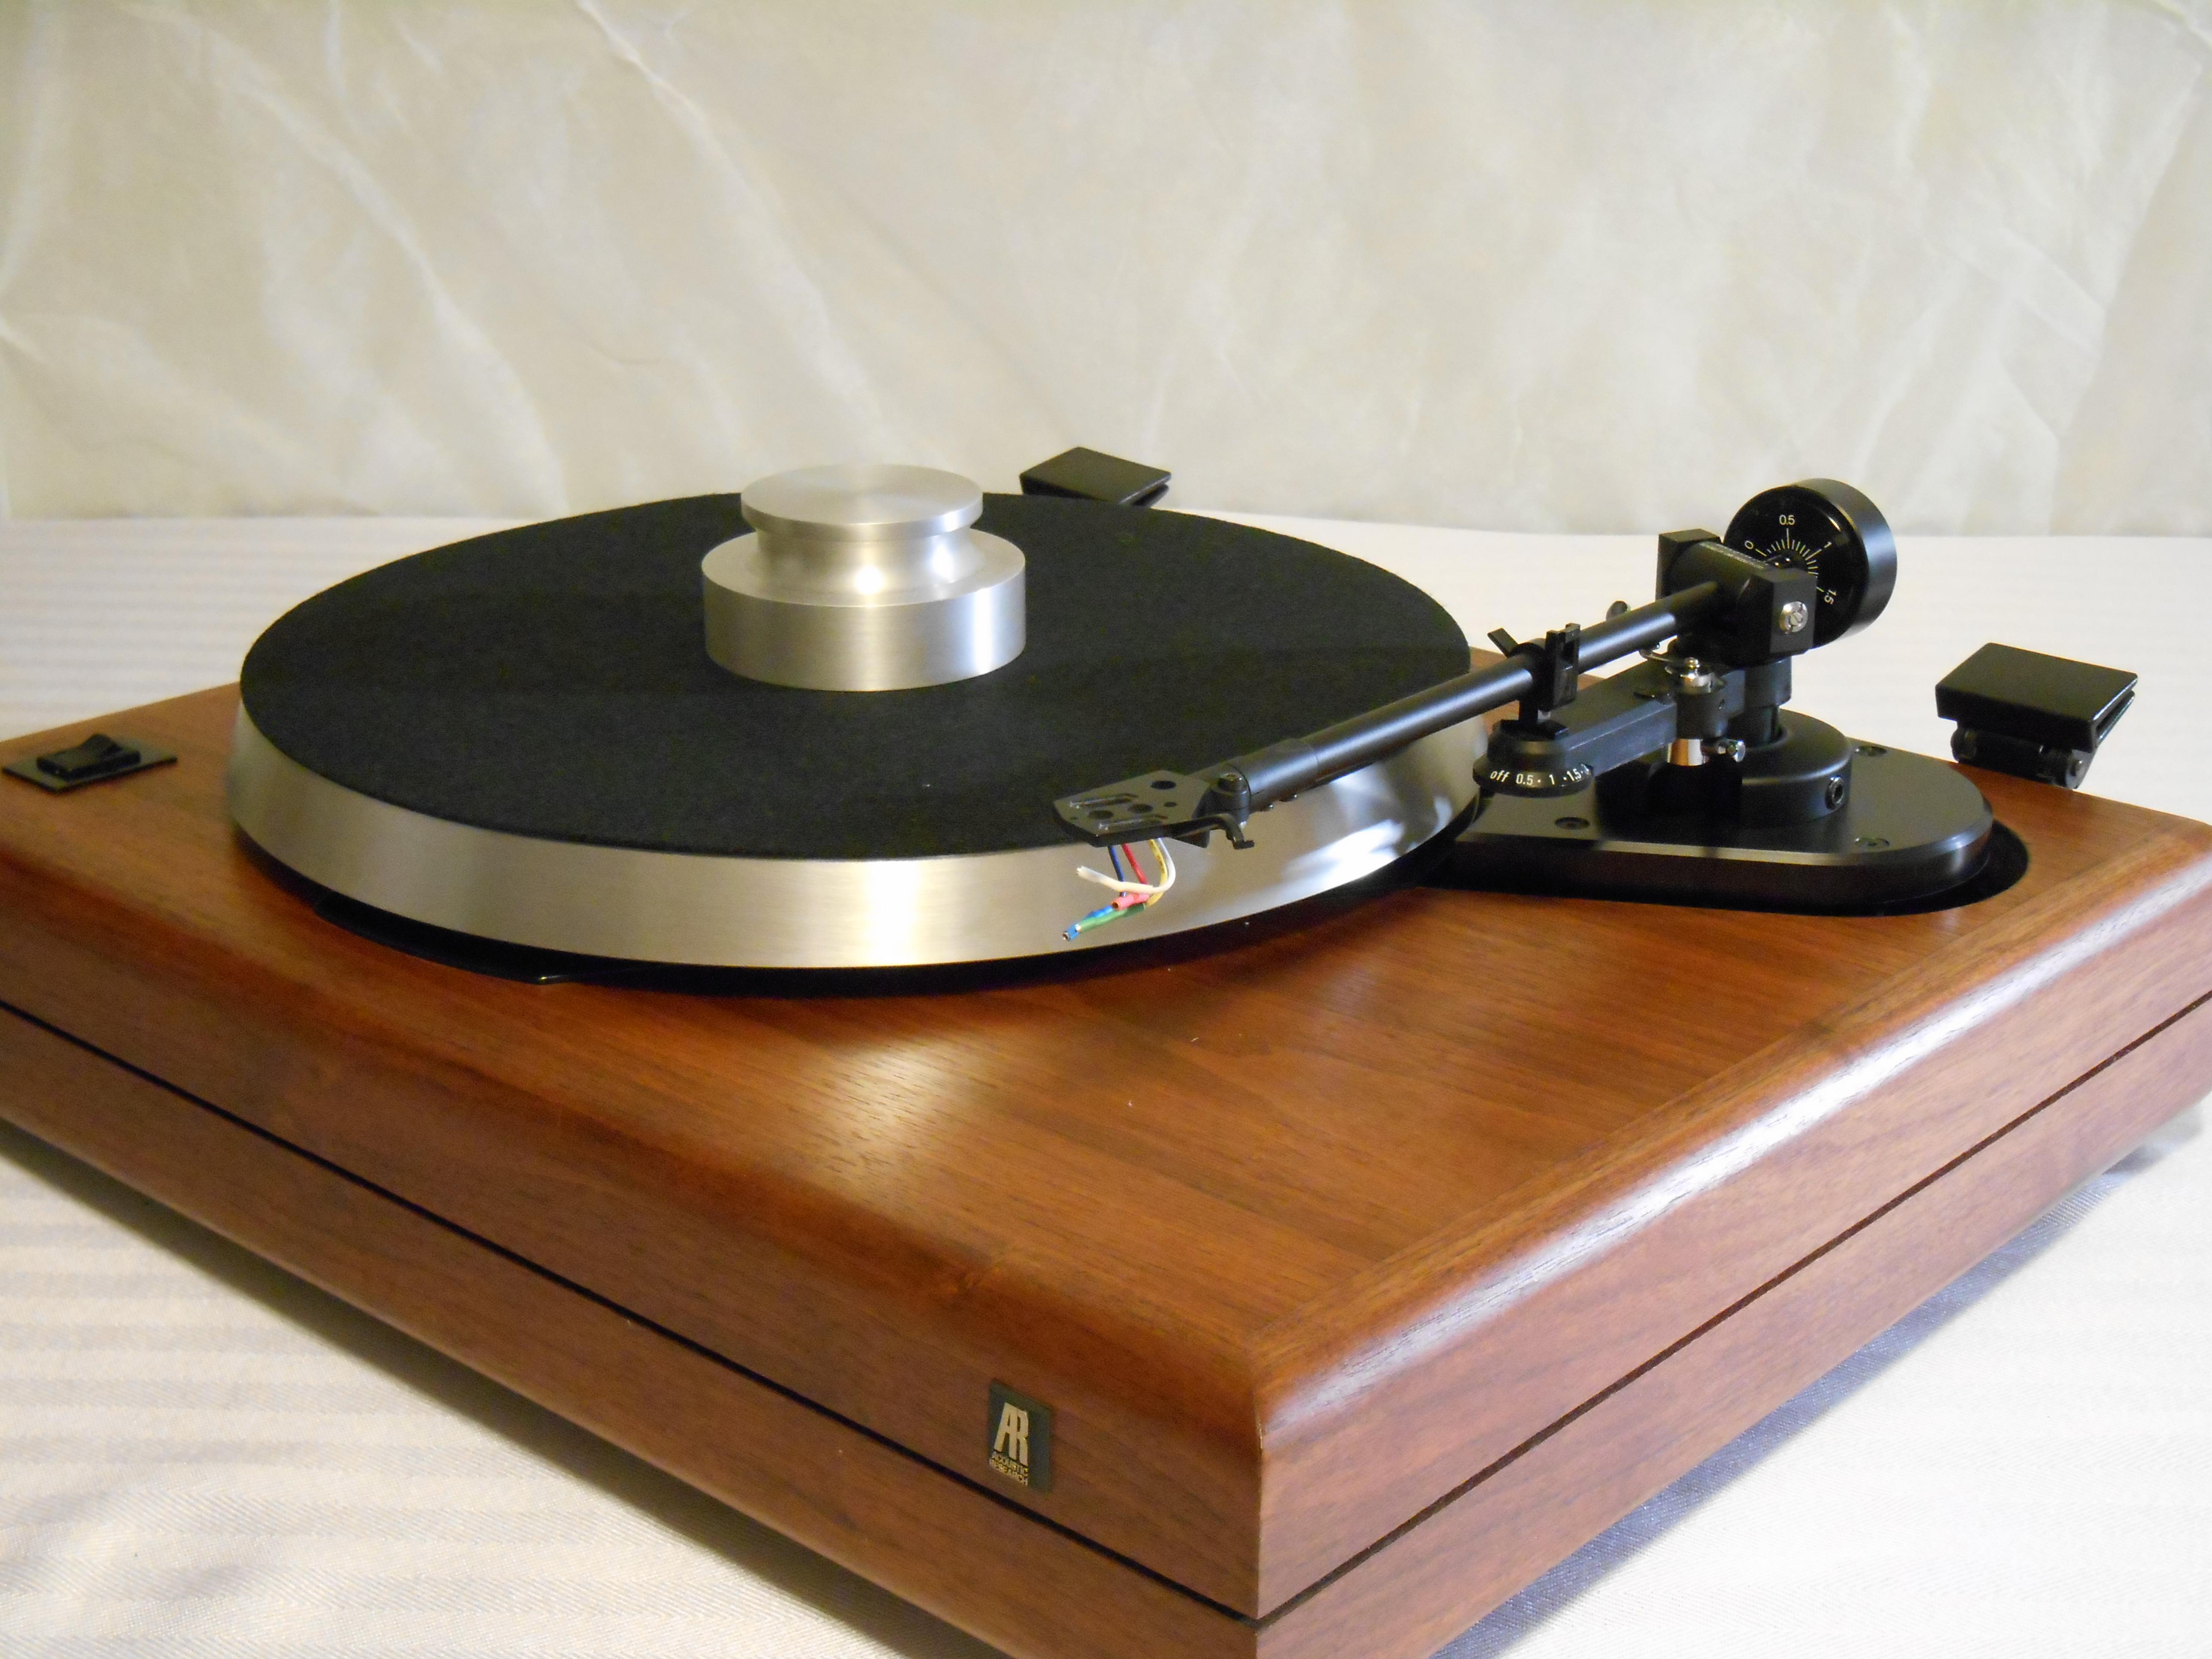 AR the Turntable w/Linn Basik - Vinyl Nirvana - Vintage AR